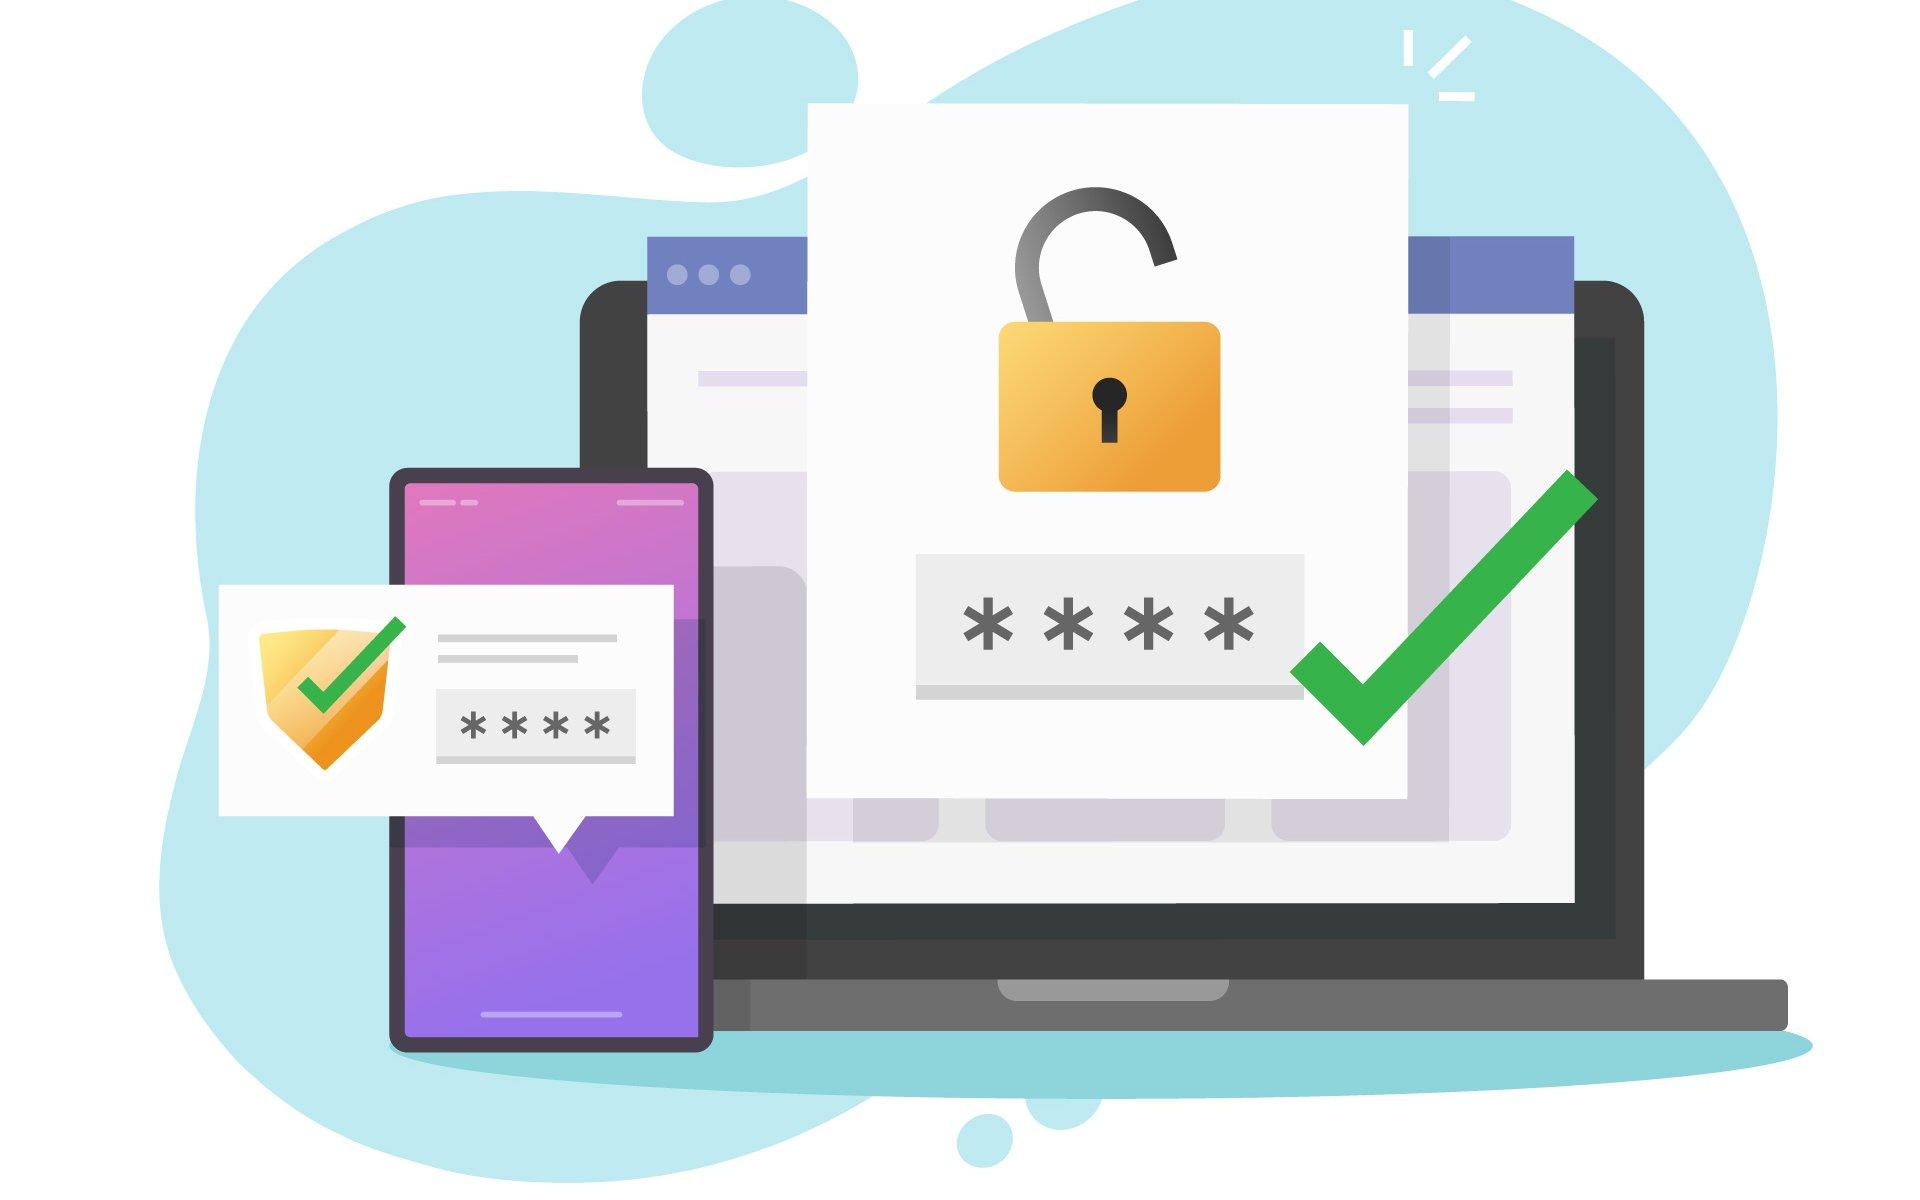 Claus Zwei Faktor Authentifizierung - Virtuelle Infrastruktur